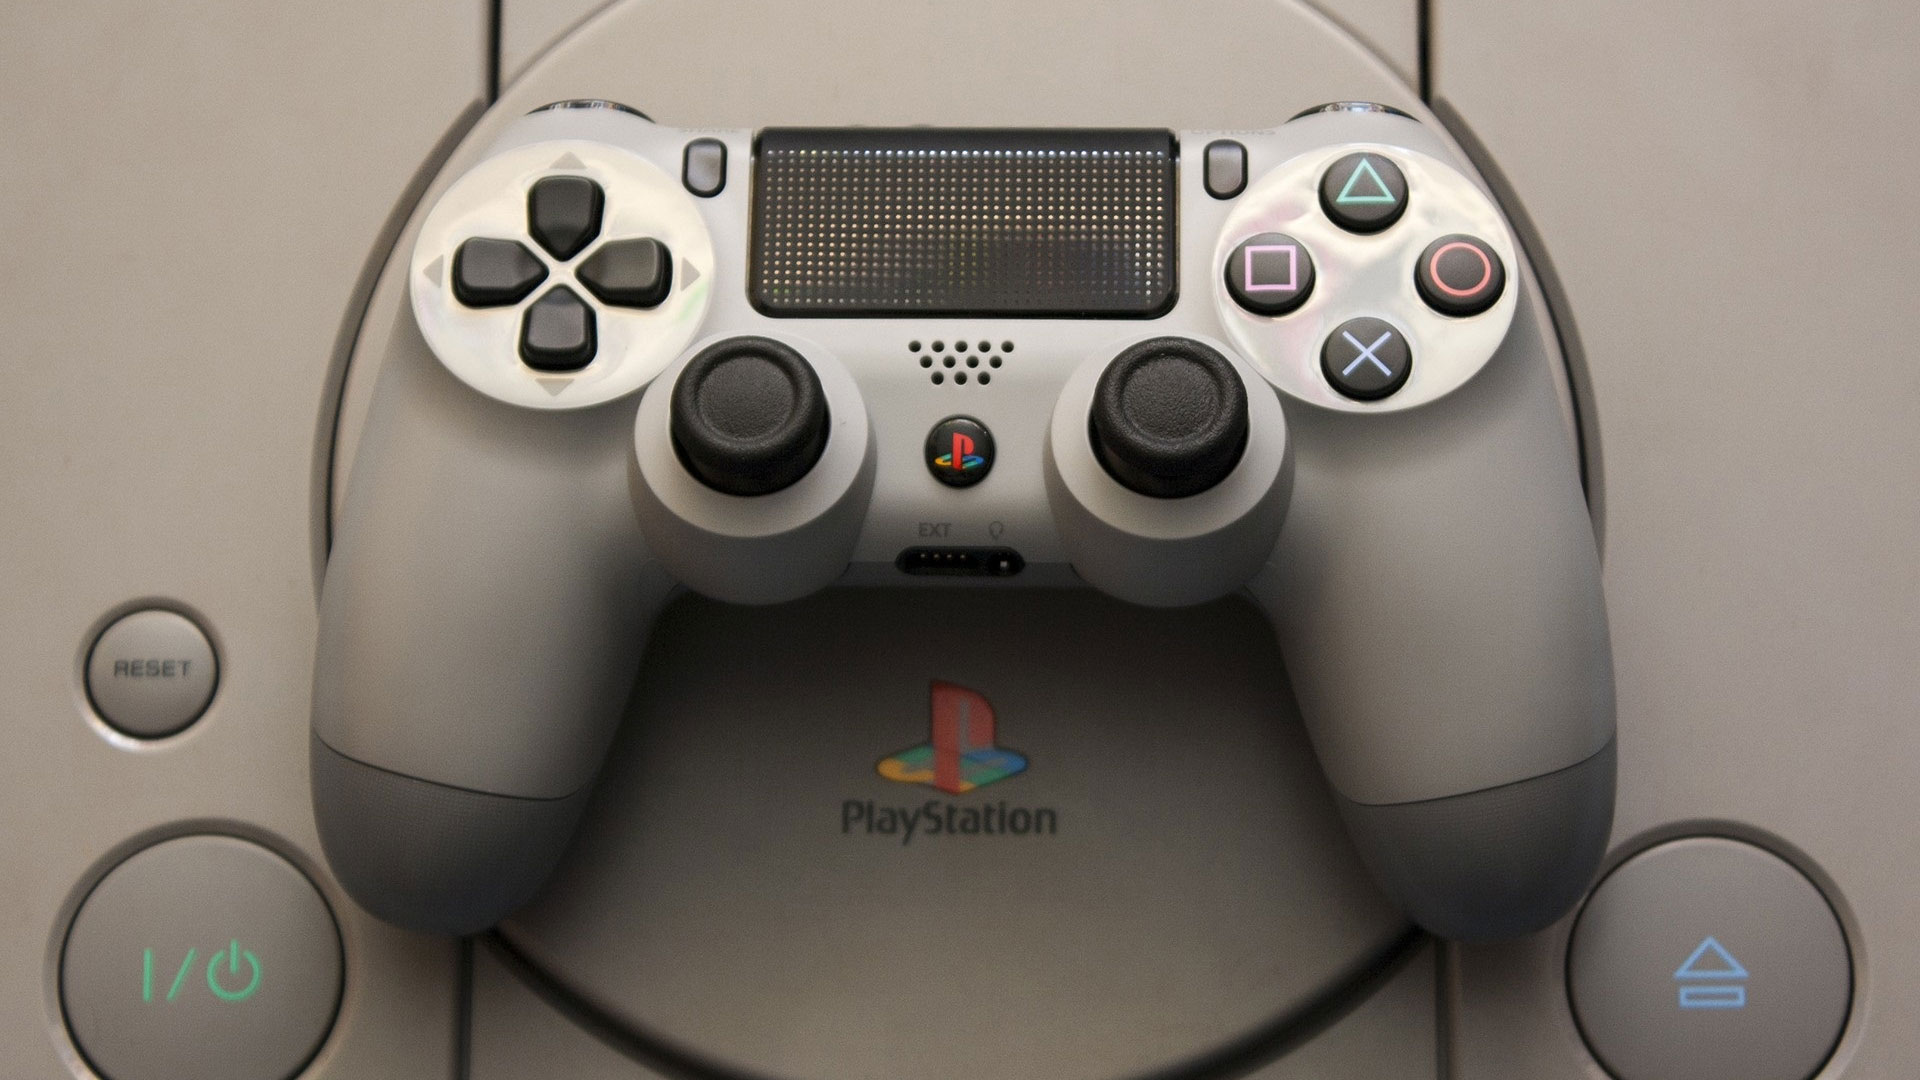 Эволюция легендарного контроллера для Sony PlayStation: от 90-х до сегодня